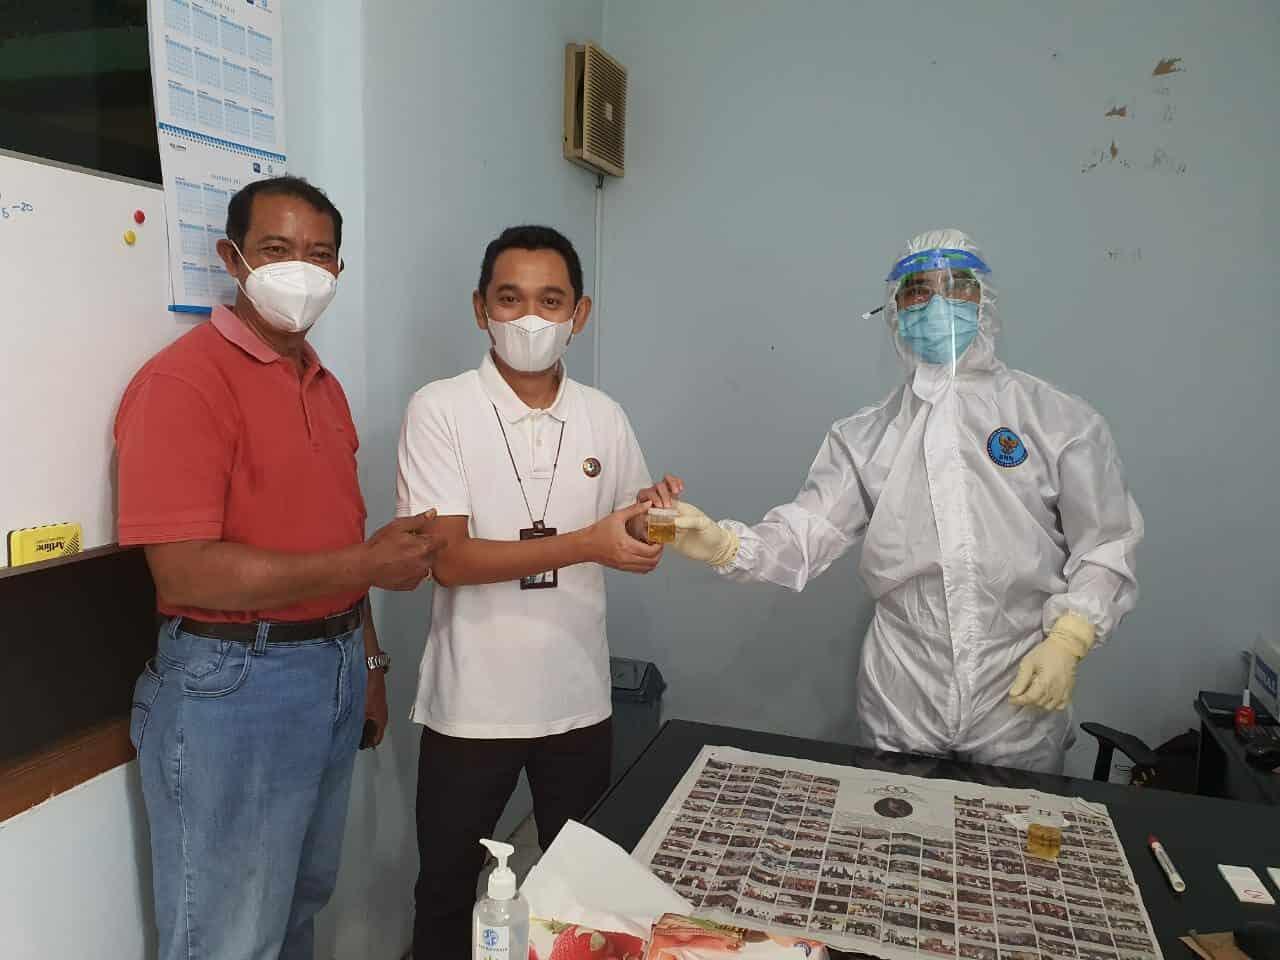 PT. JASA RAHARJA BALI Melaksanakan Tes Urine, Untuk Mewujudkan Lingkungan Kantor Pemerintah Bersih Dari Narkoba